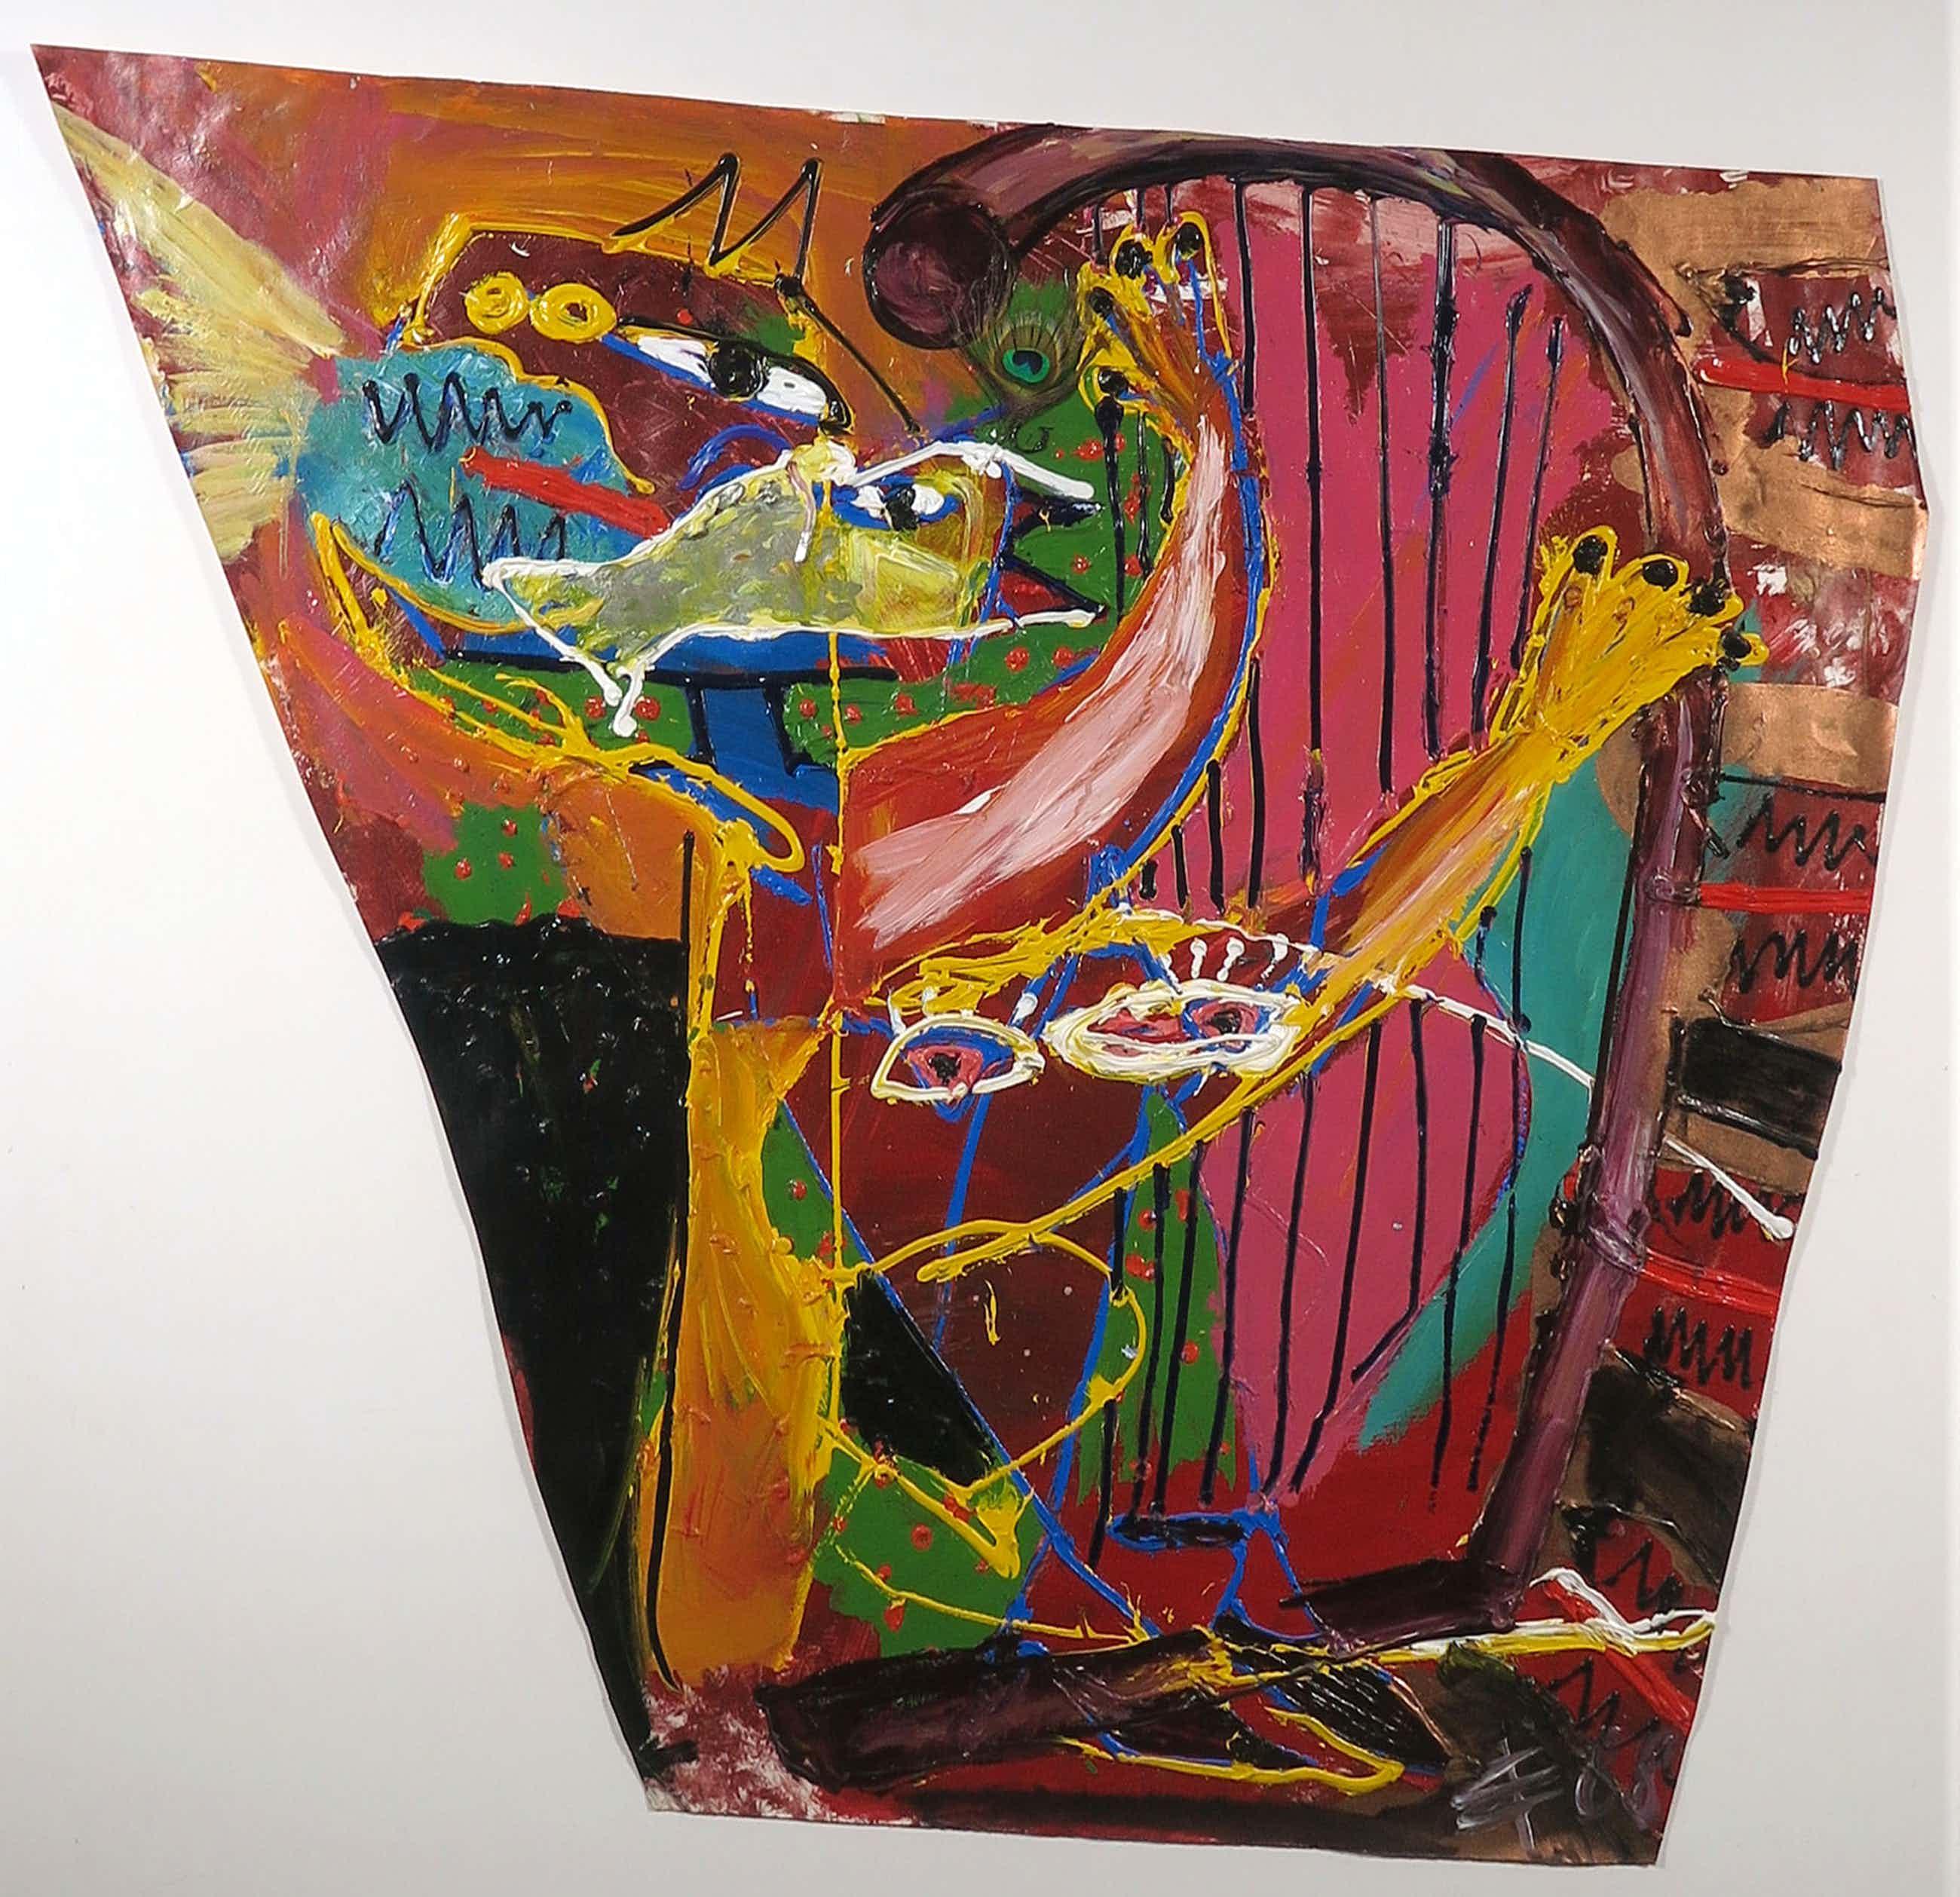 Albert Niemeyer - Acryl op papier, Musical - Ingelijst (Groot) kopen? Bied vanaf 400!